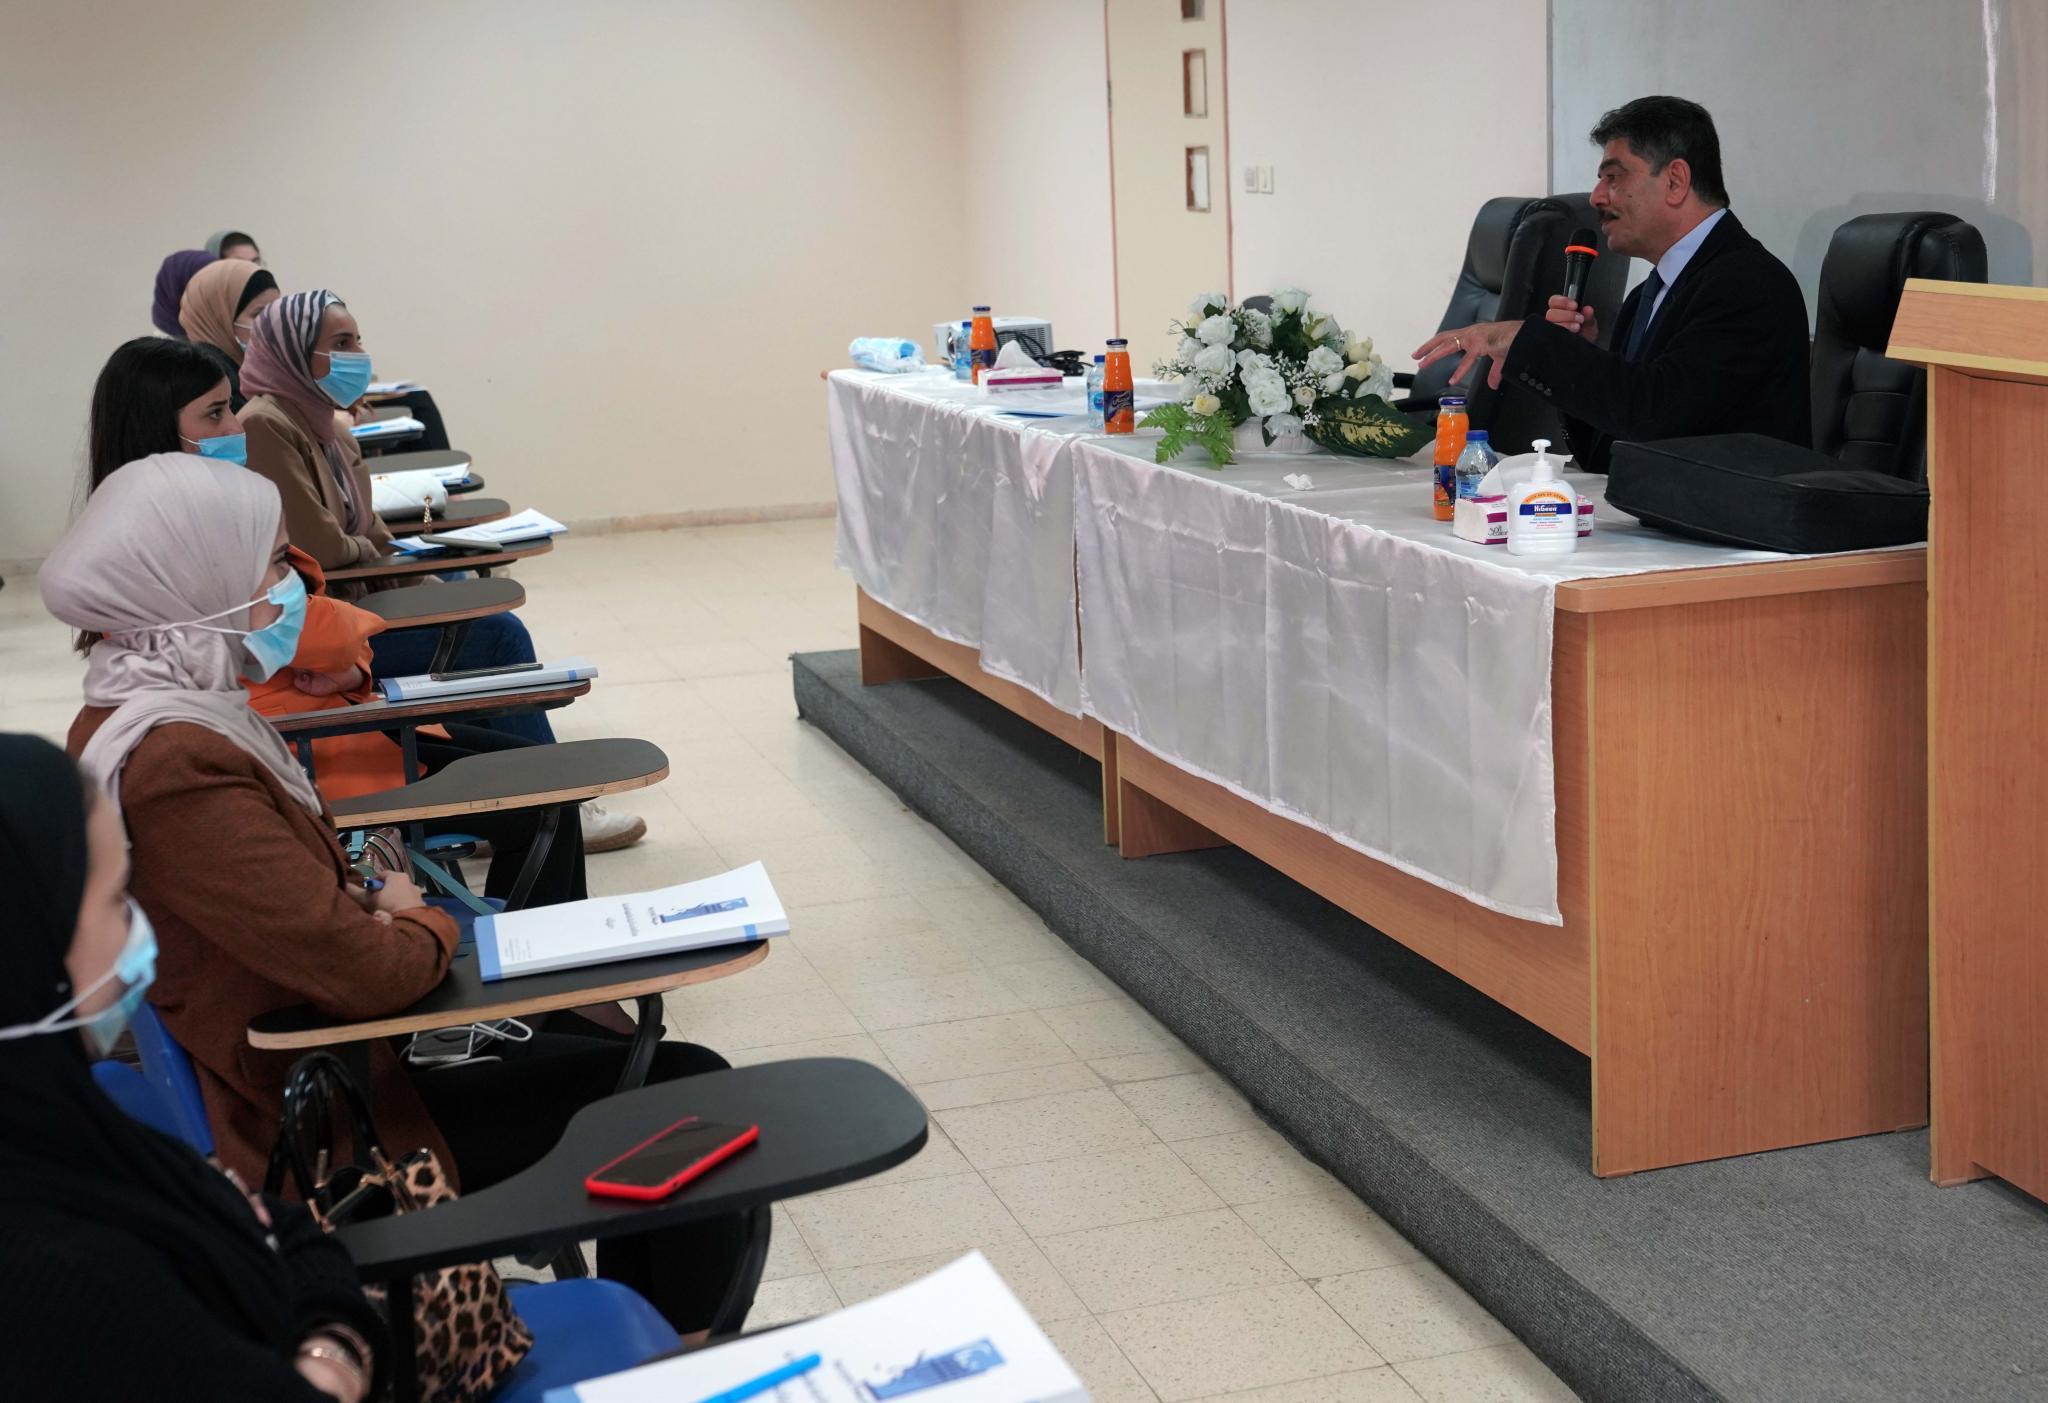 """الجامعة تنظم محاضرة لطلبتها في كلية الحقوق حول """"التعذيب إذلال للكرامة الإنسانية"""""""